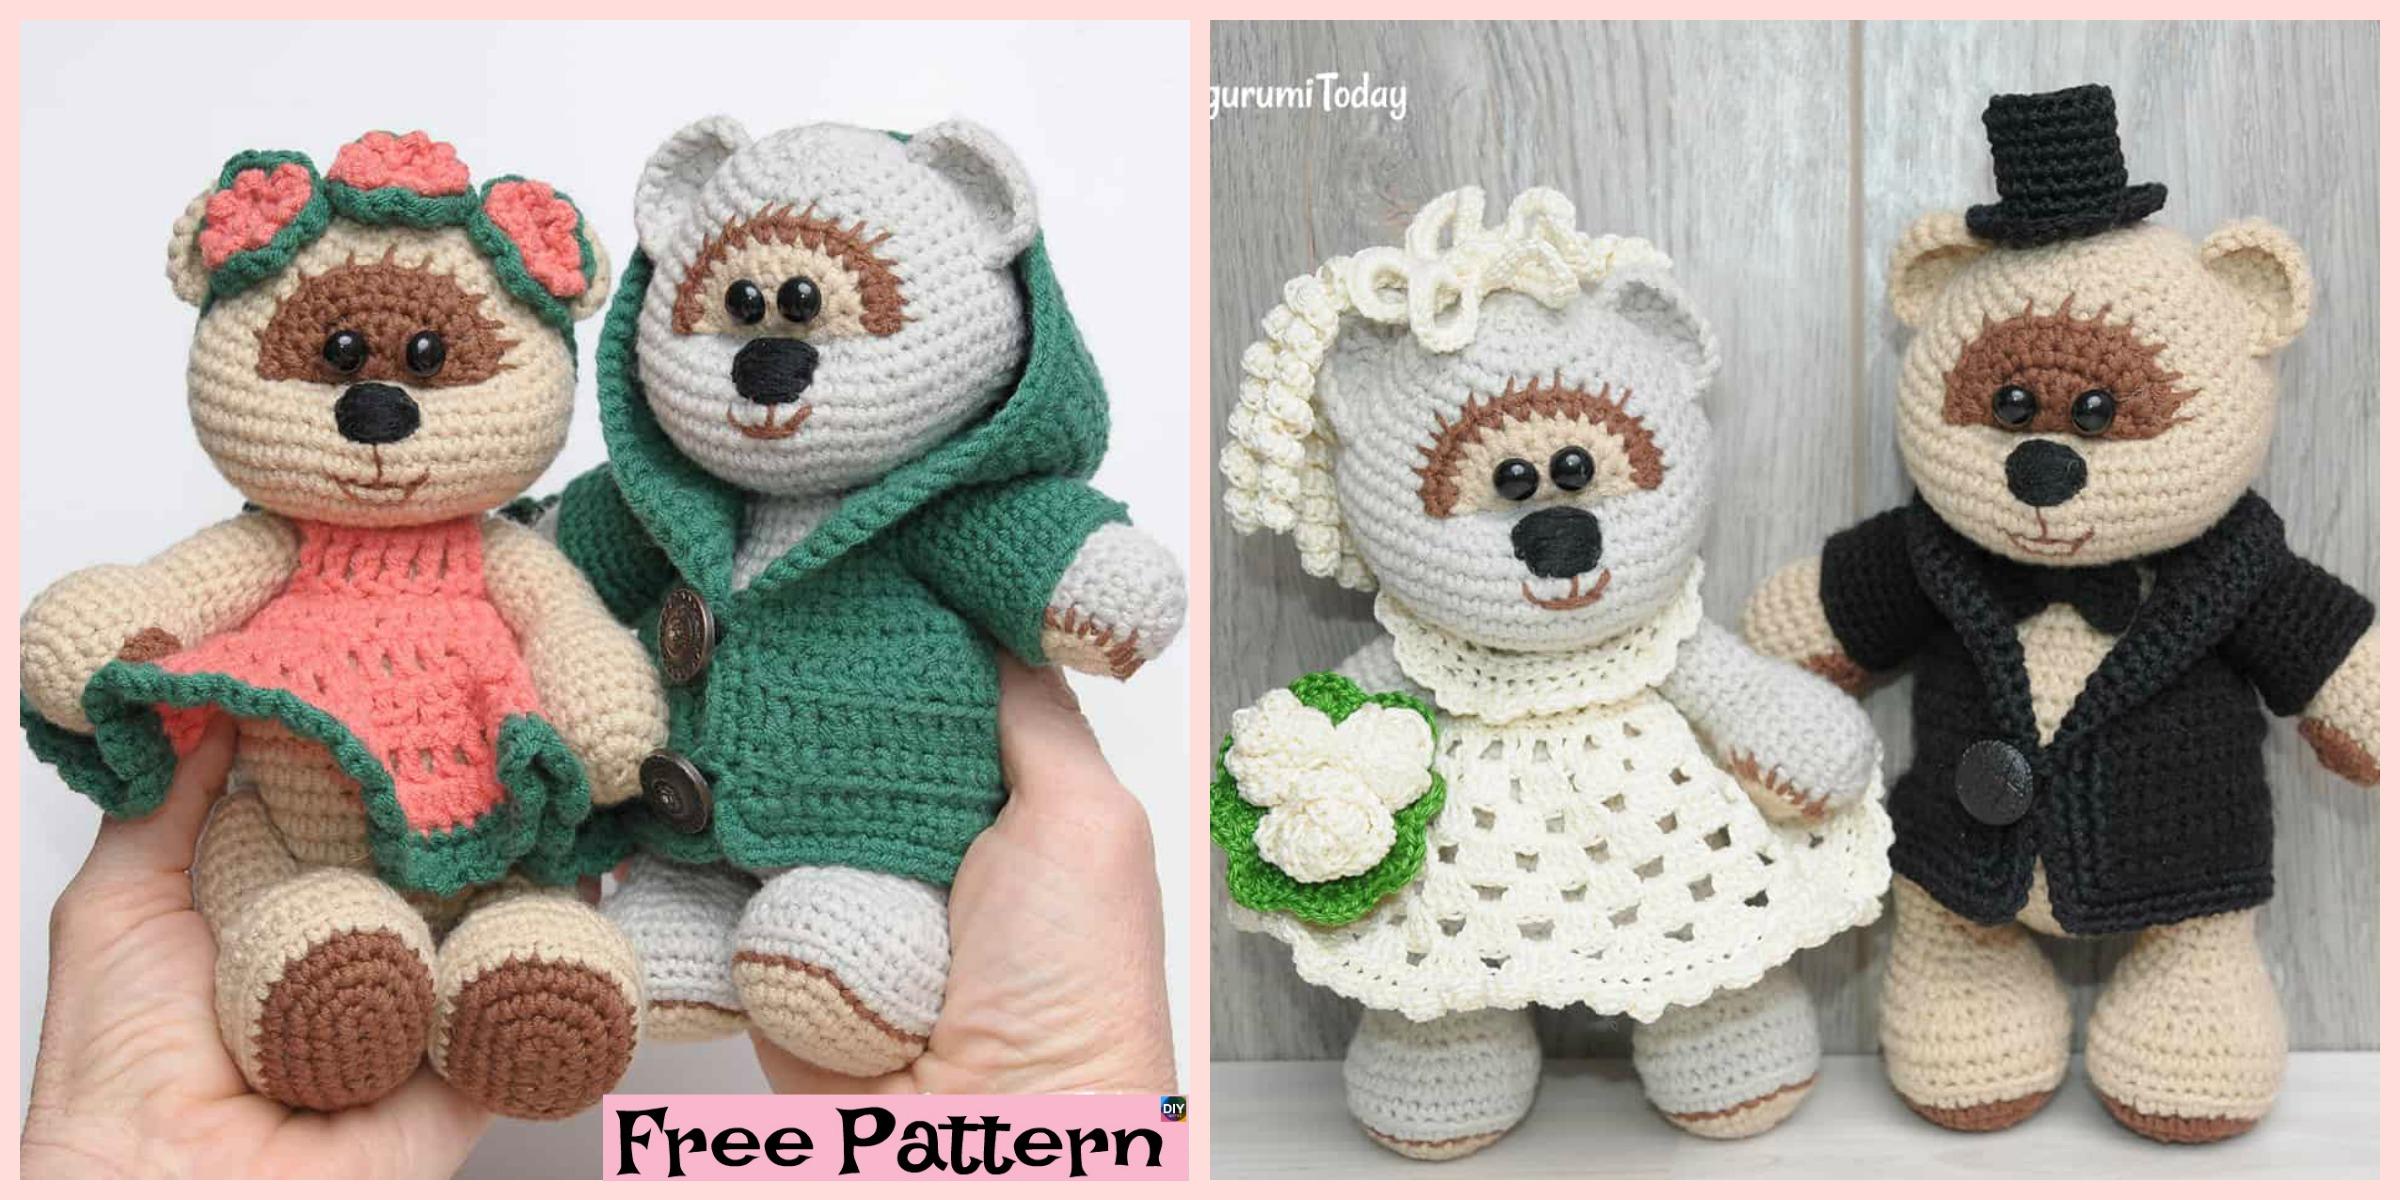 20+ Free Crochet Teddy Bear Patterns ⋆ Crochet Kingdom | 1200x2400